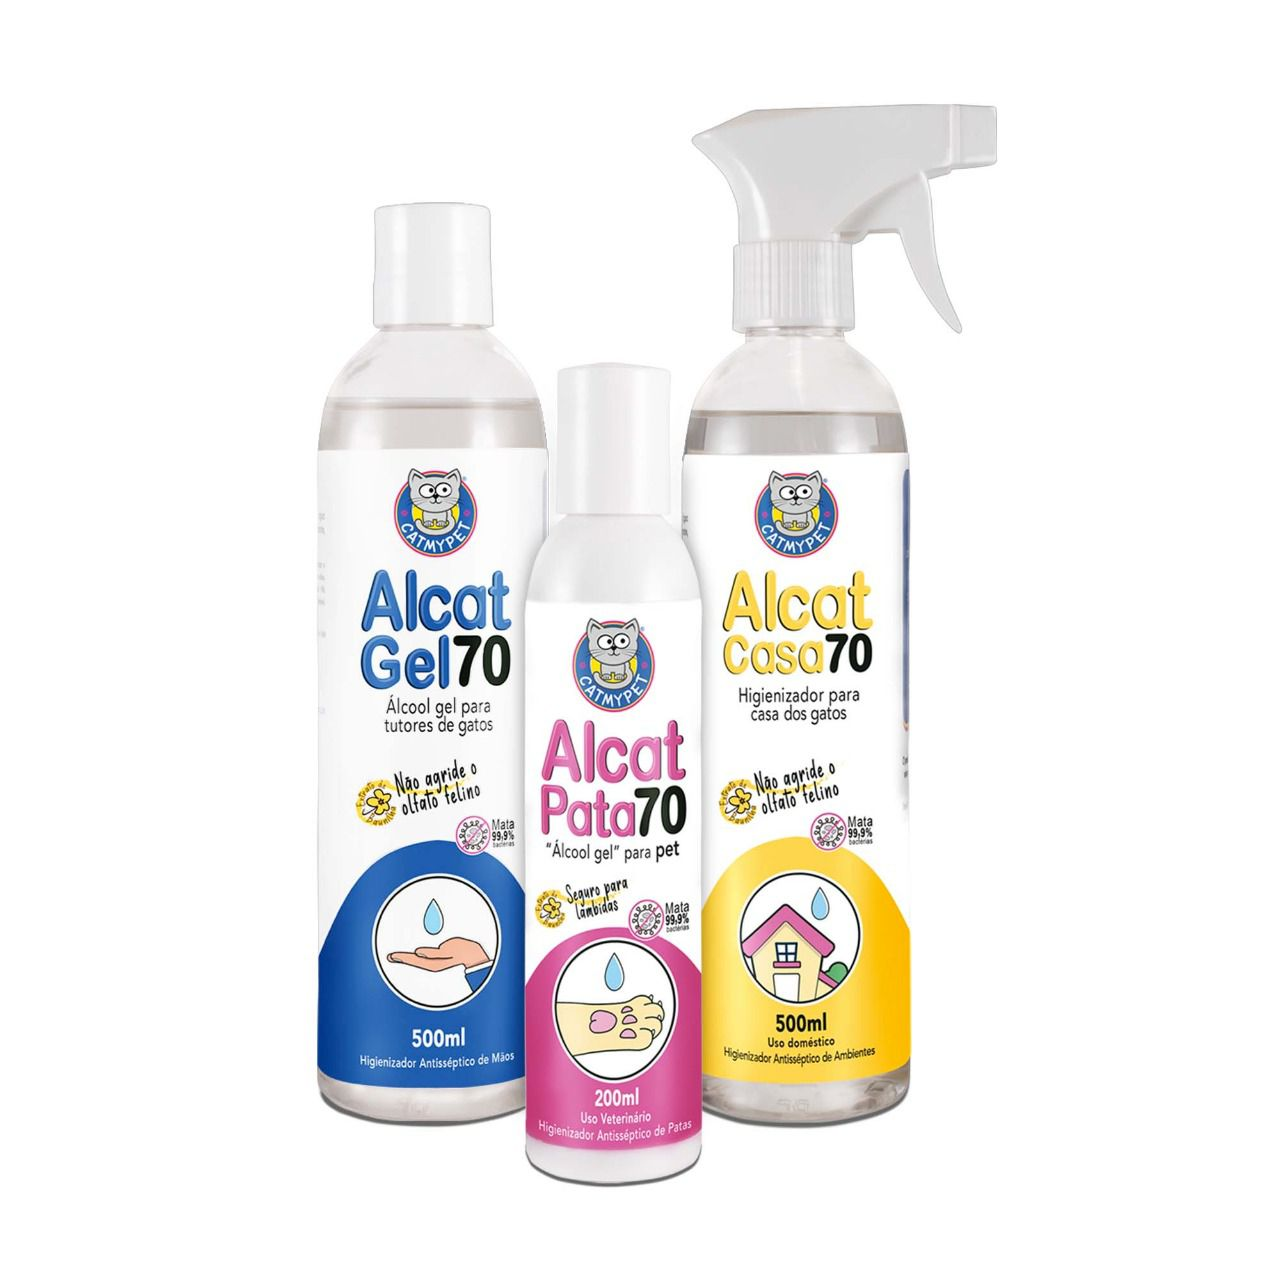 Kit Alcat 70 - Álcool gel para pet (Alcat Pata 70) + Alcool gel (Alcat Gel 70) + Higienizador para Casa (Alcat Casa 70)